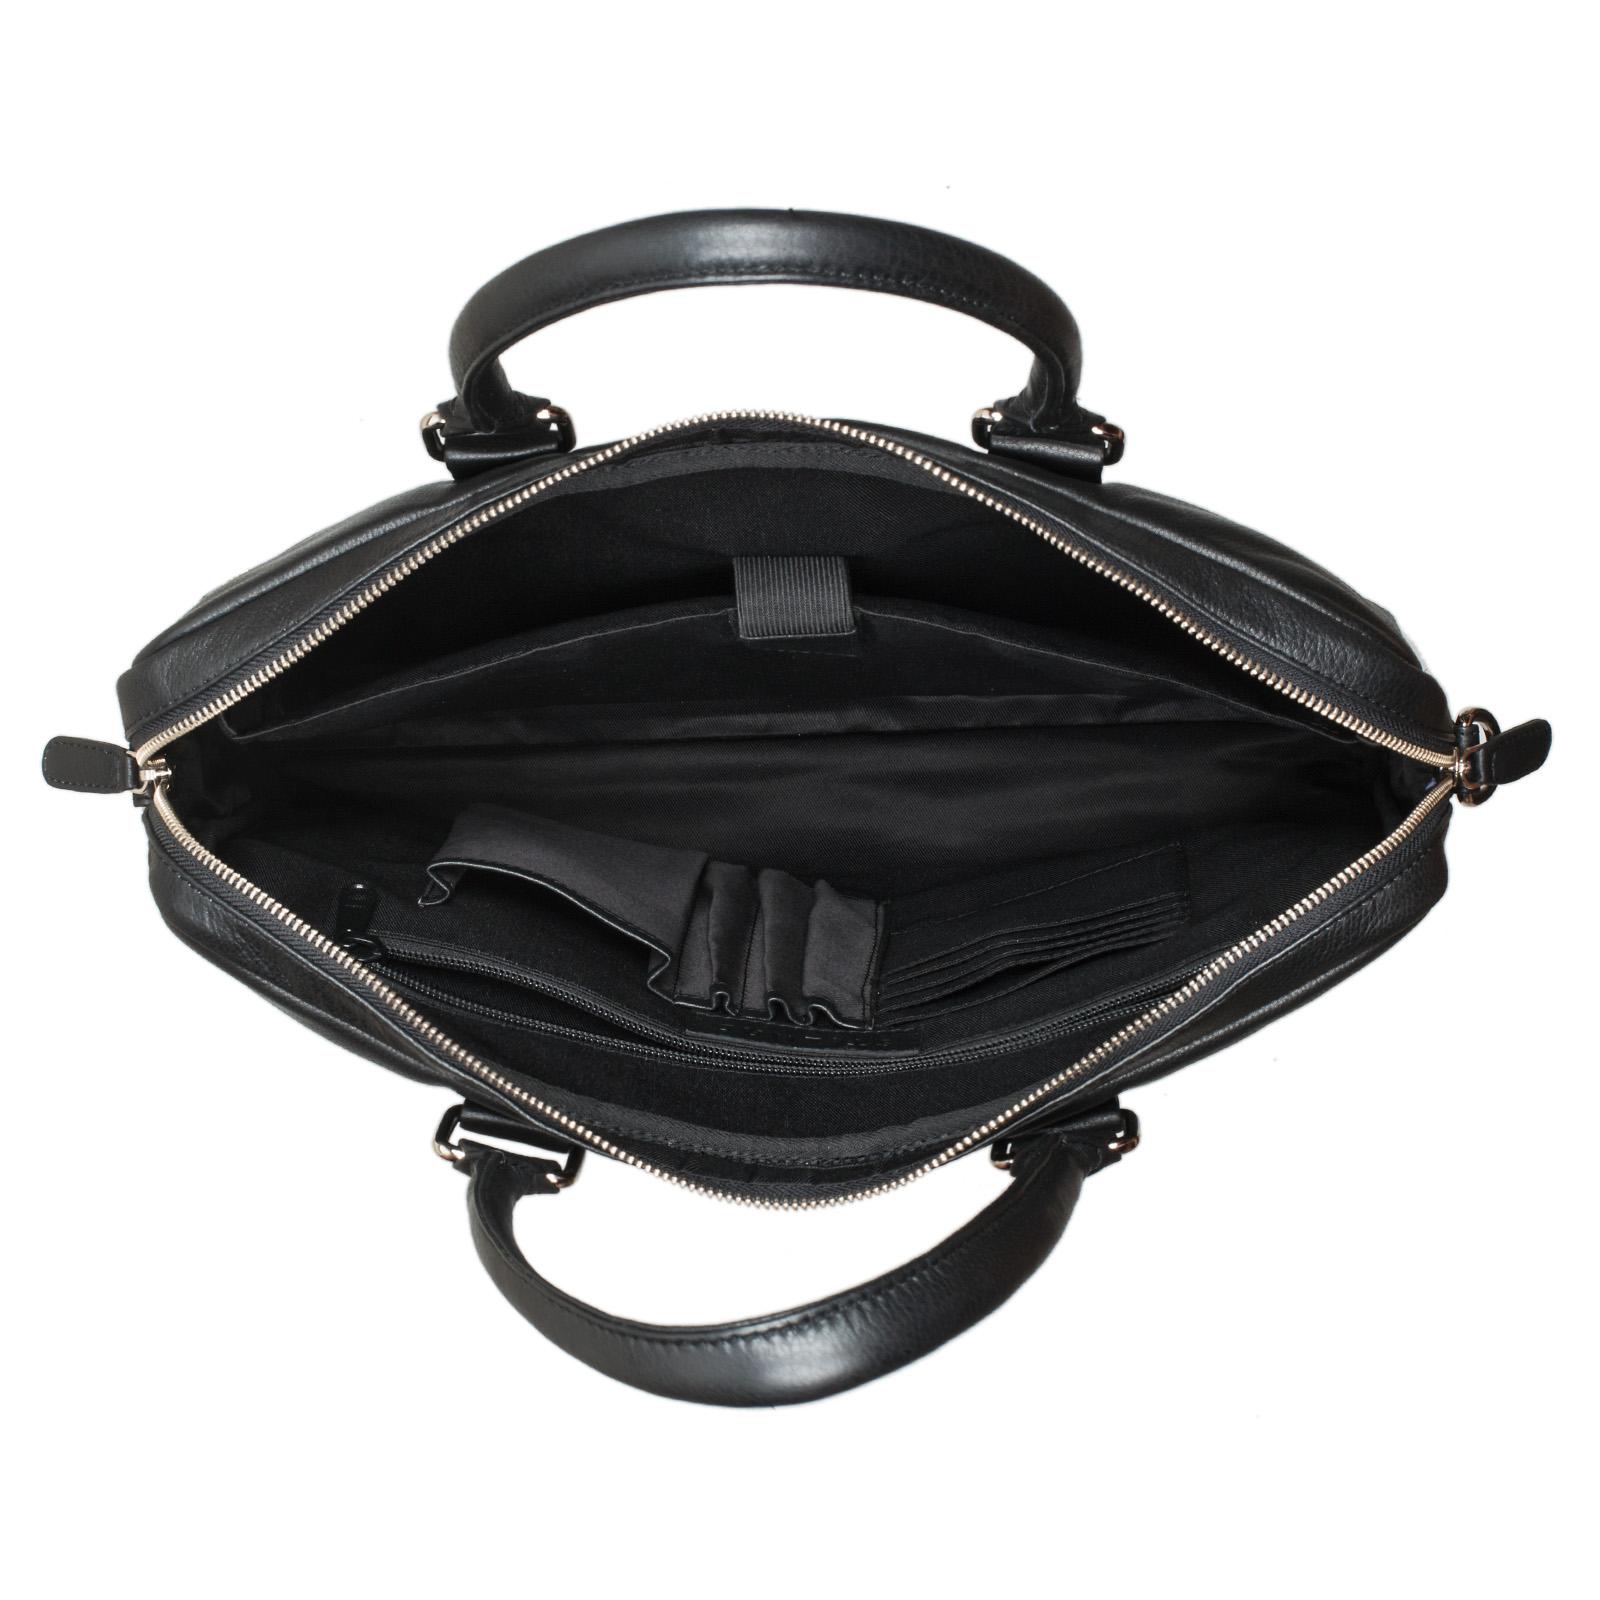 """STILORD """"Emilio"""" Umhängetasche Leder Vintage groß Schultertasche elegante Handtasche für Büro Business Arbeit Laptop 13.3 Zoll Aktentasche DIN A4 - Bild 10"""